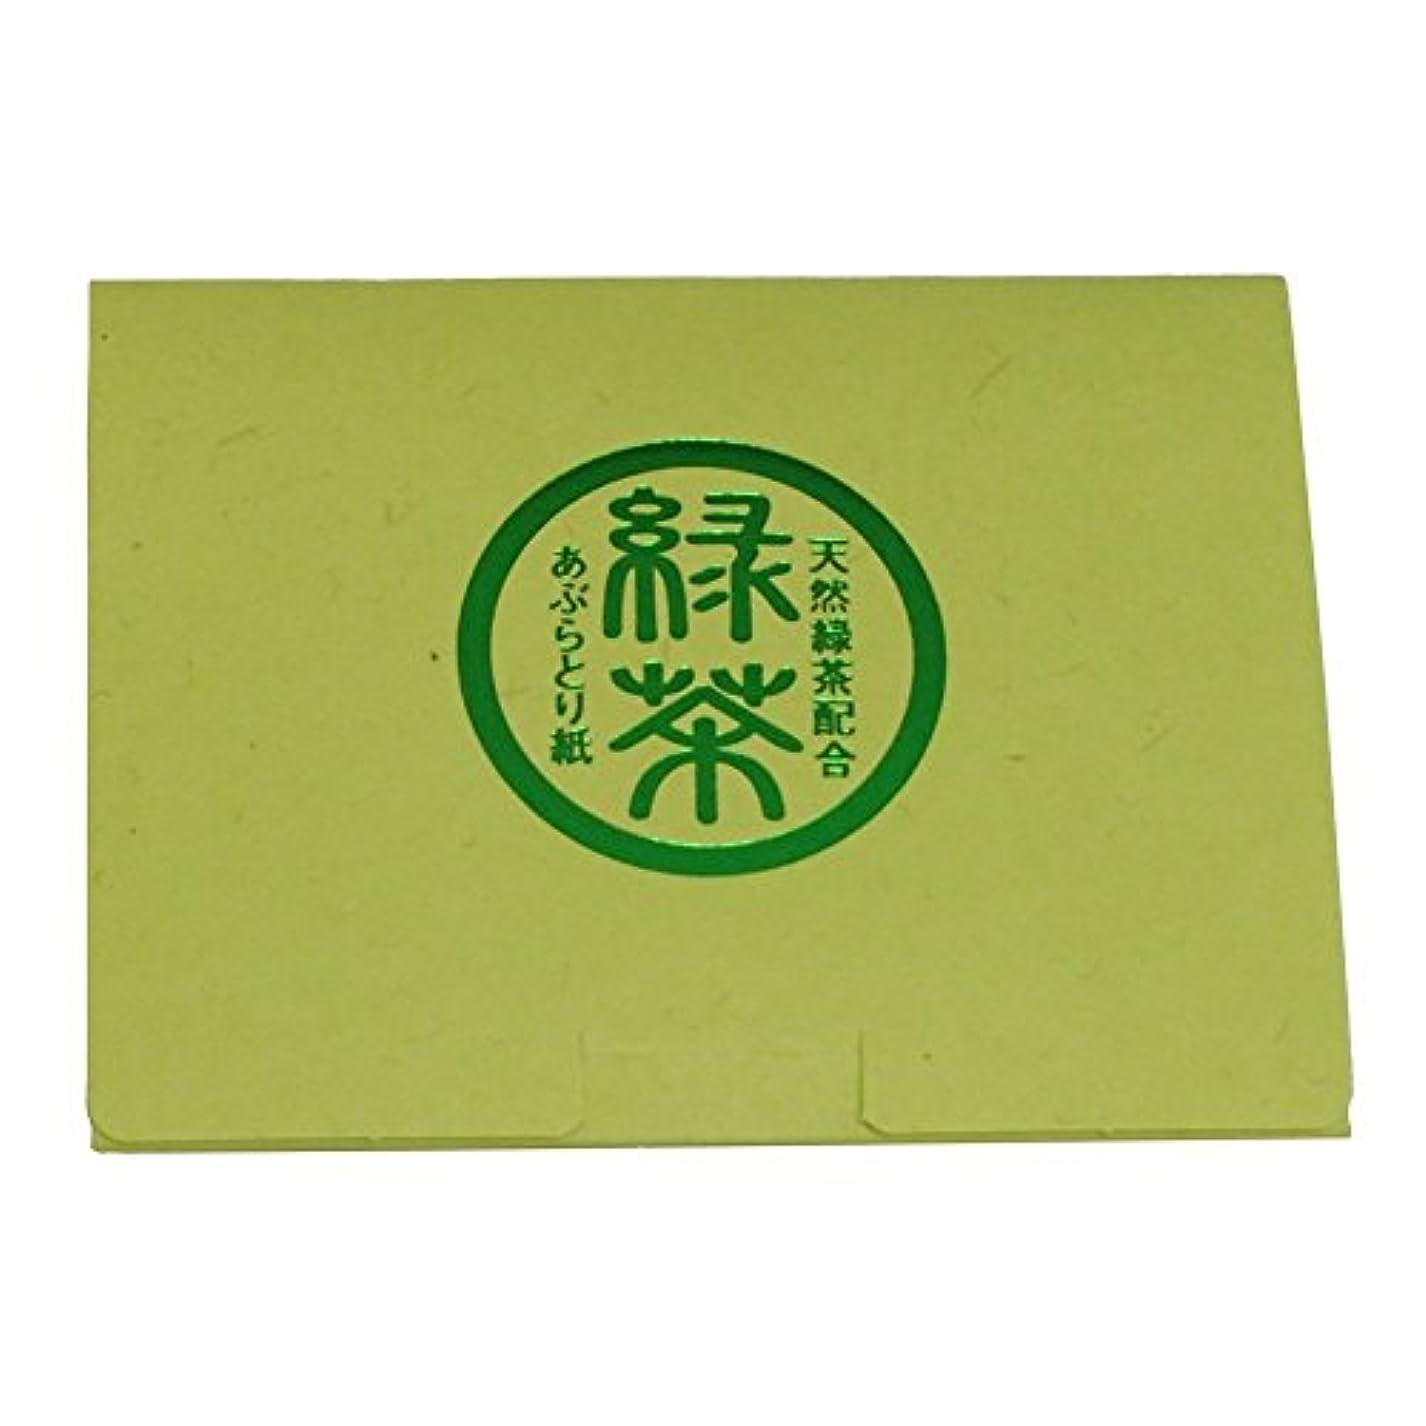 クスクス聖書歴史米長 天然緑茶配合 あぶらとり紙 高級 日本製 100枚入り